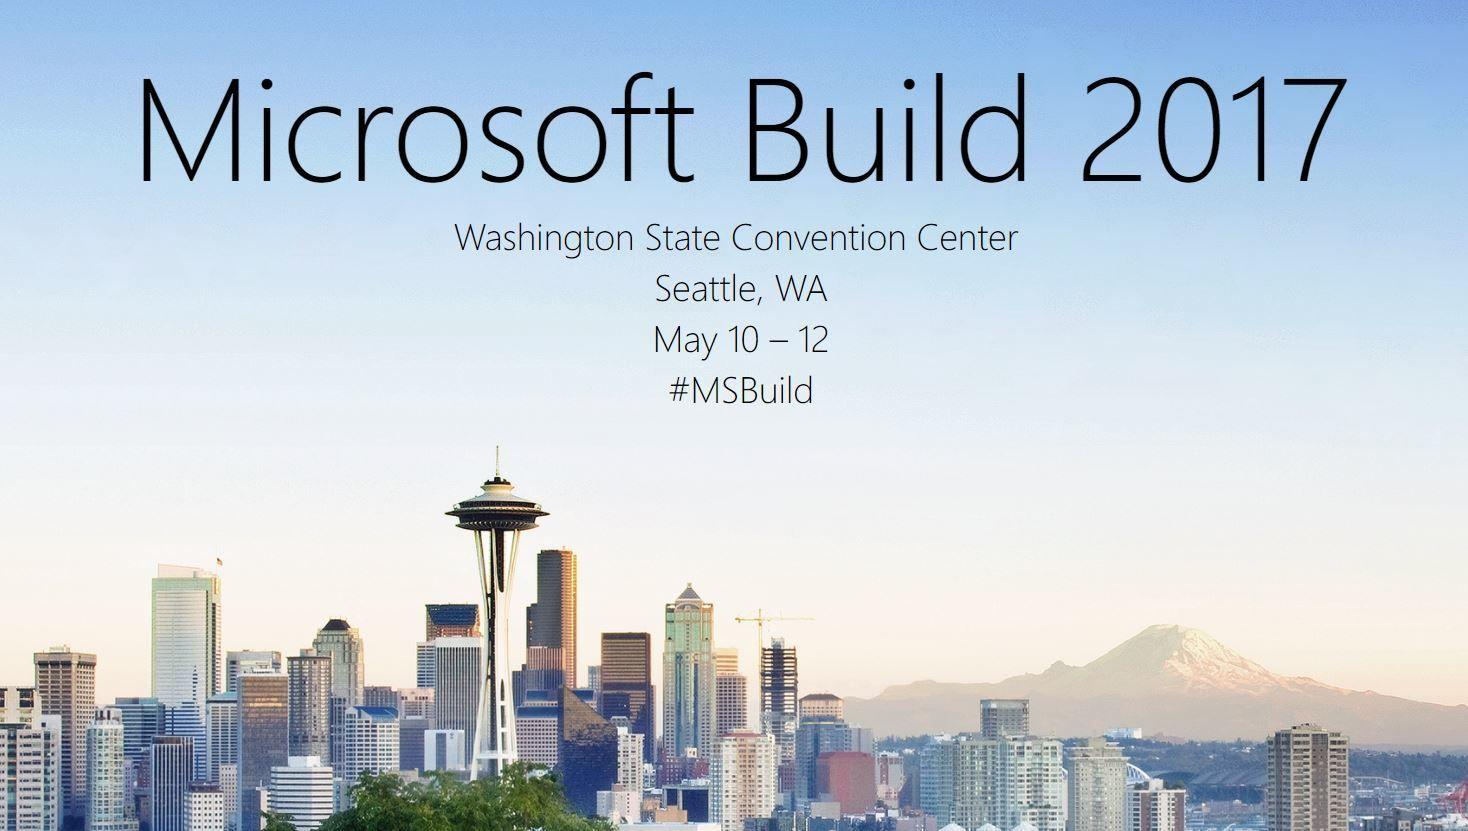 Windows 10 秋季更新看微軟的野心